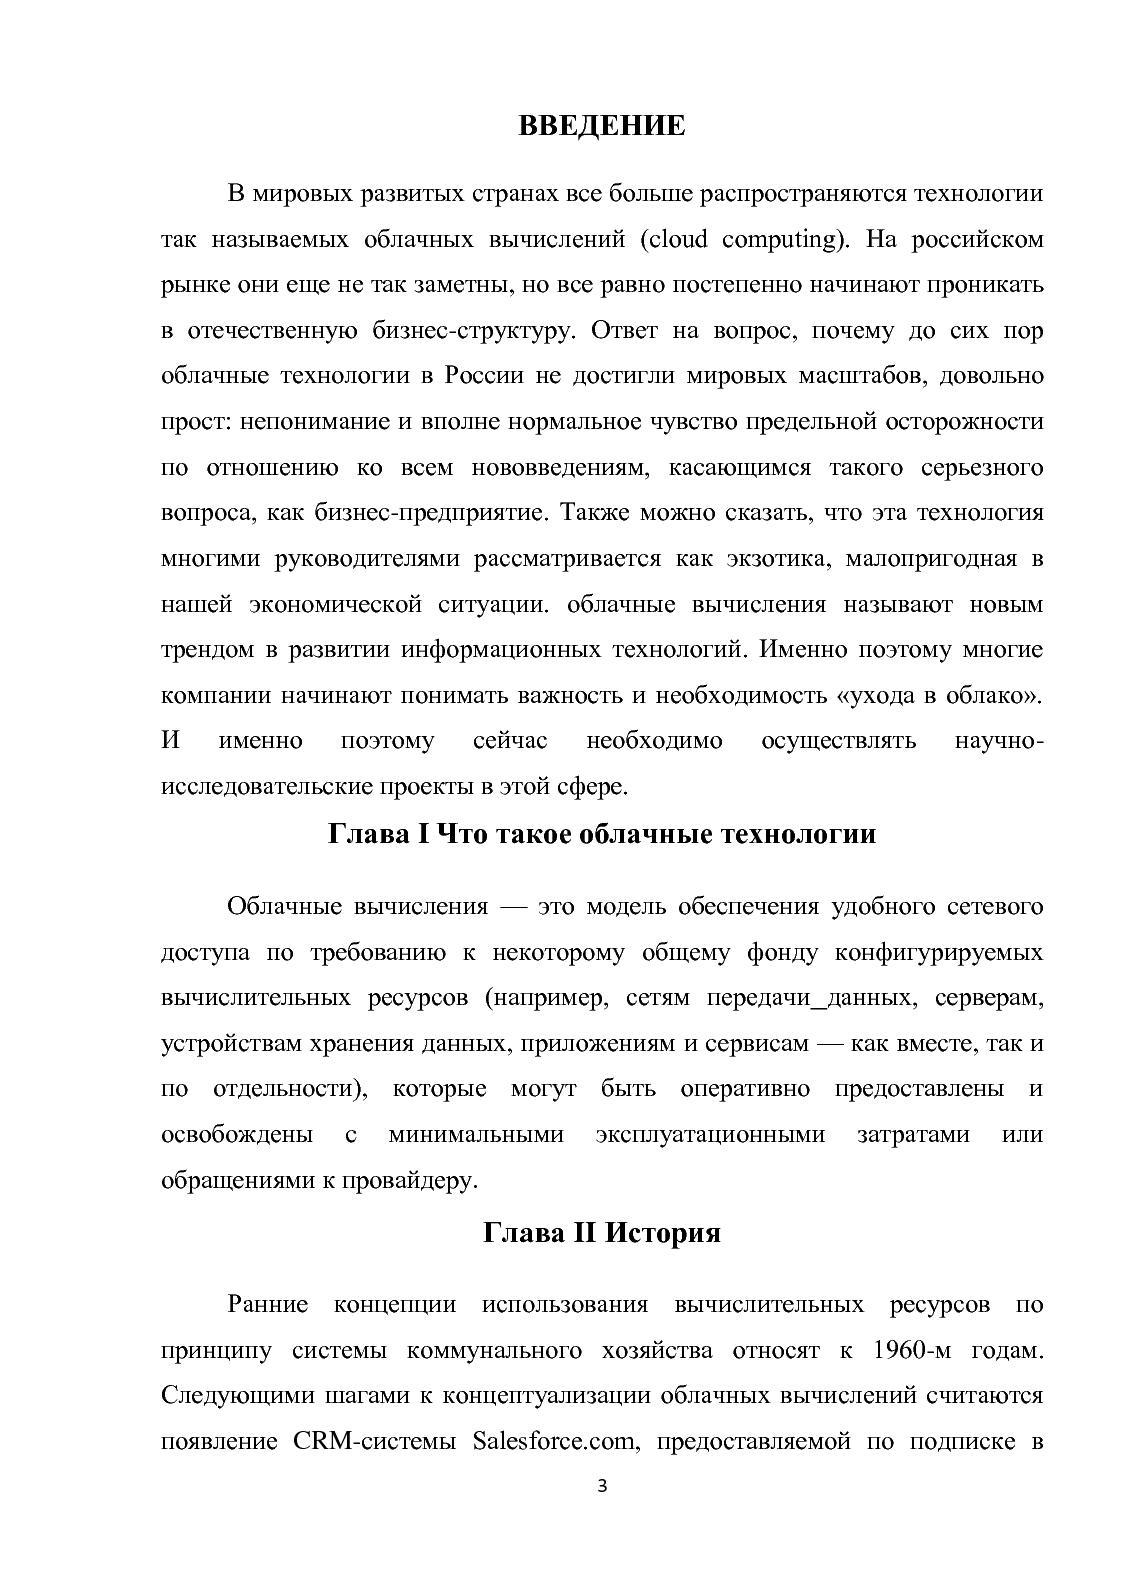 Реферат по теме Облачные технологии calameo er page 3